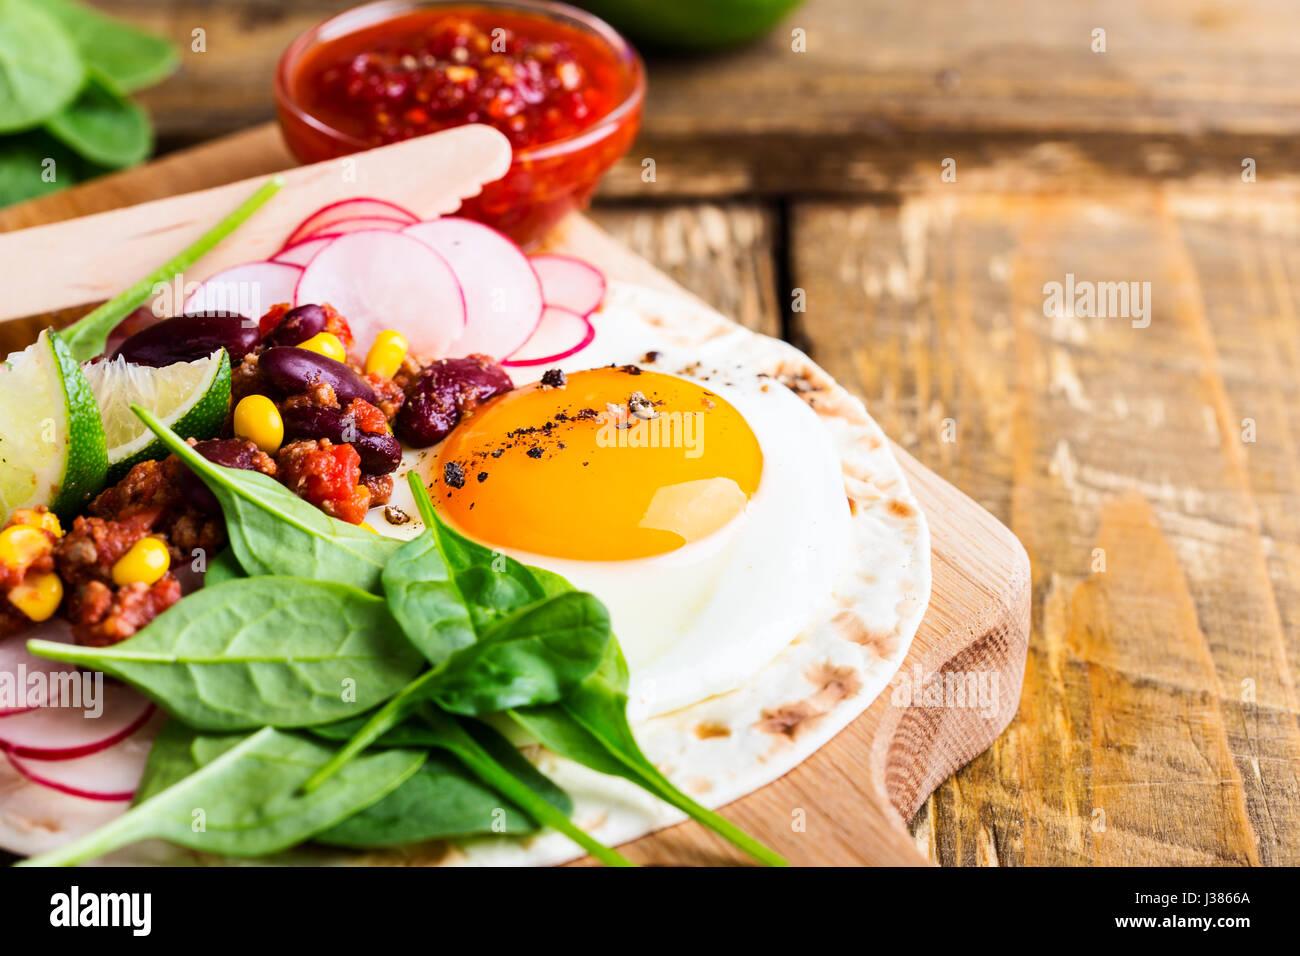 Uovo fritto tacos con chili con carne rustico tagliere, messicano cibo tradizionale Immagini Stock